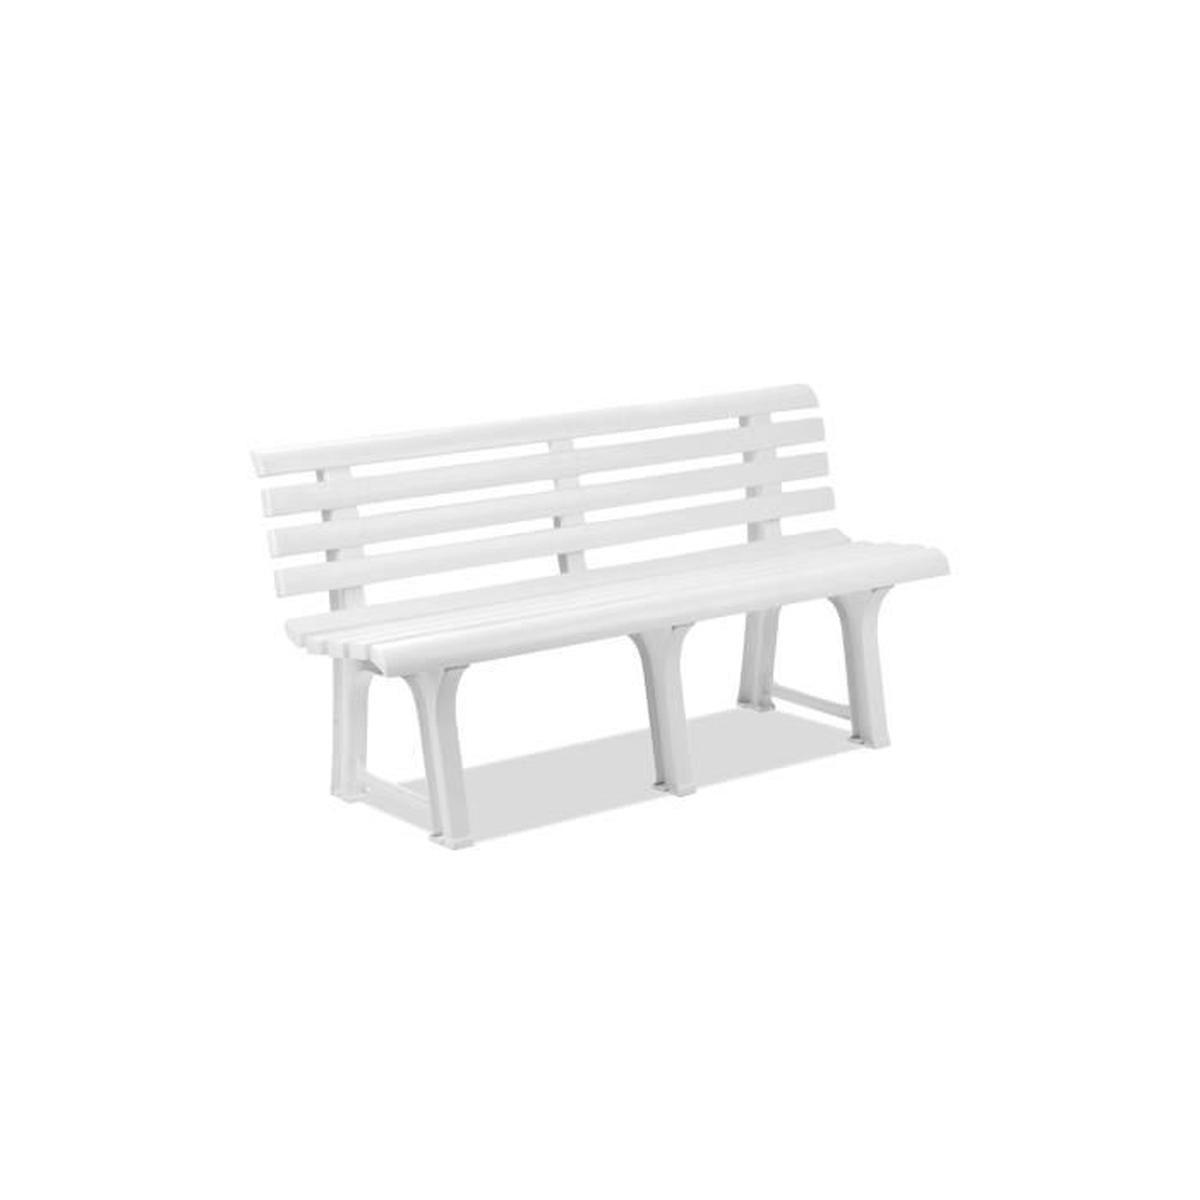 Banc De Jardin En Plastique Blanc - Achat / Vente Banc D ... pour Banc De Jardin Plastique